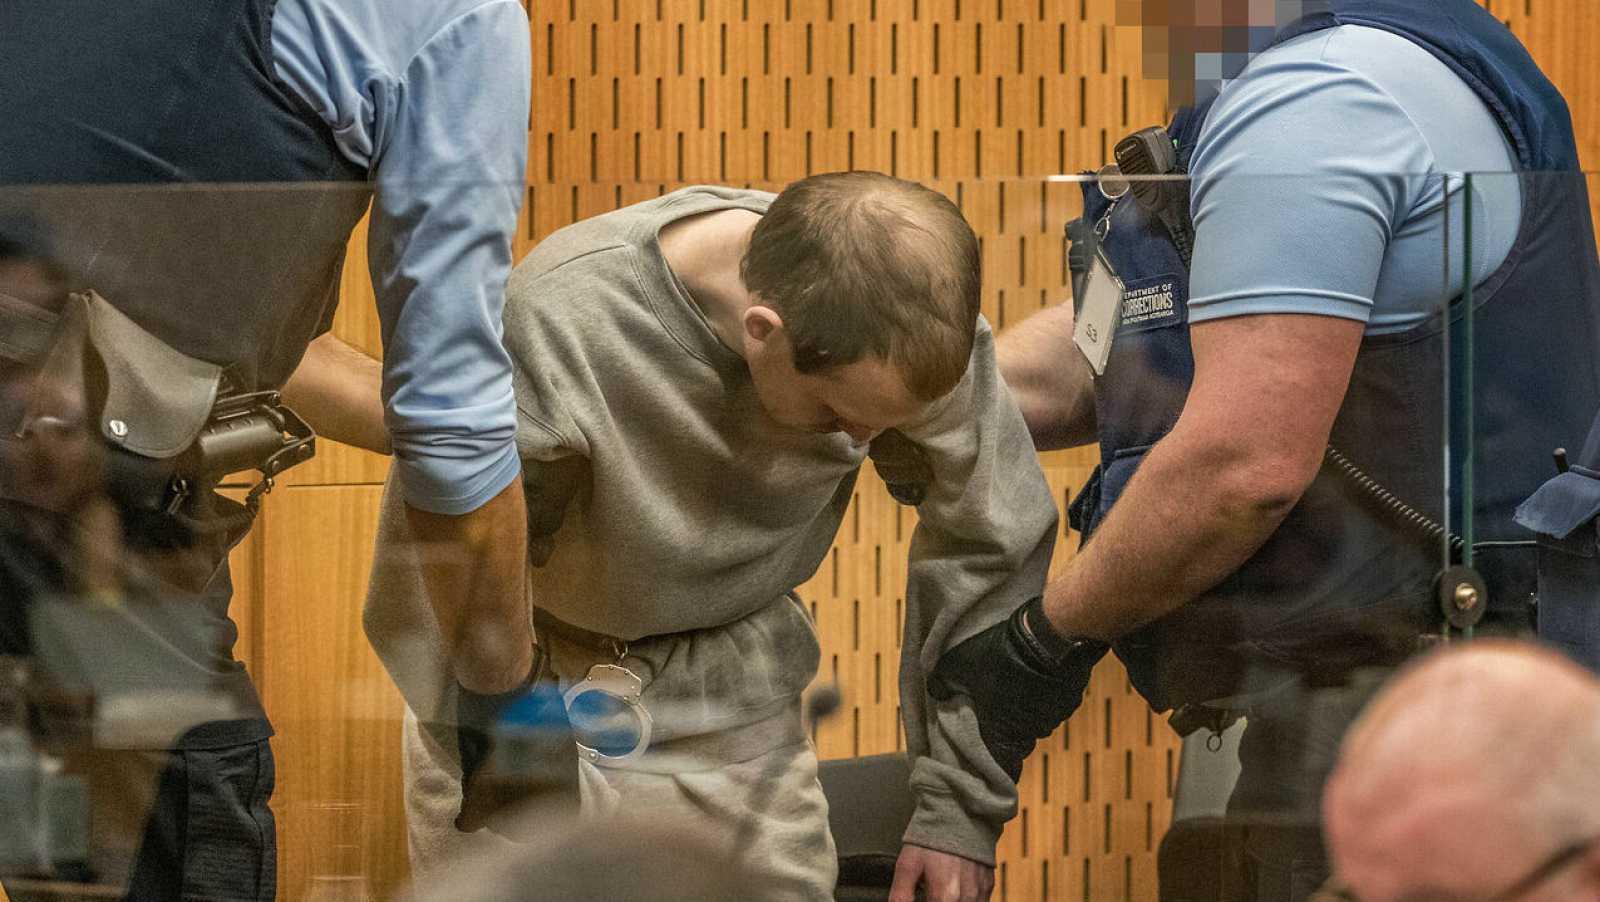 Guardias custodian a Brenton Tarrant, autor de los atentados de las mezquitas de Nueva Zelanda, durante el dictamen de la sentencia en el Tribunal Superior de Christchurch, en Nueva Zelanda.